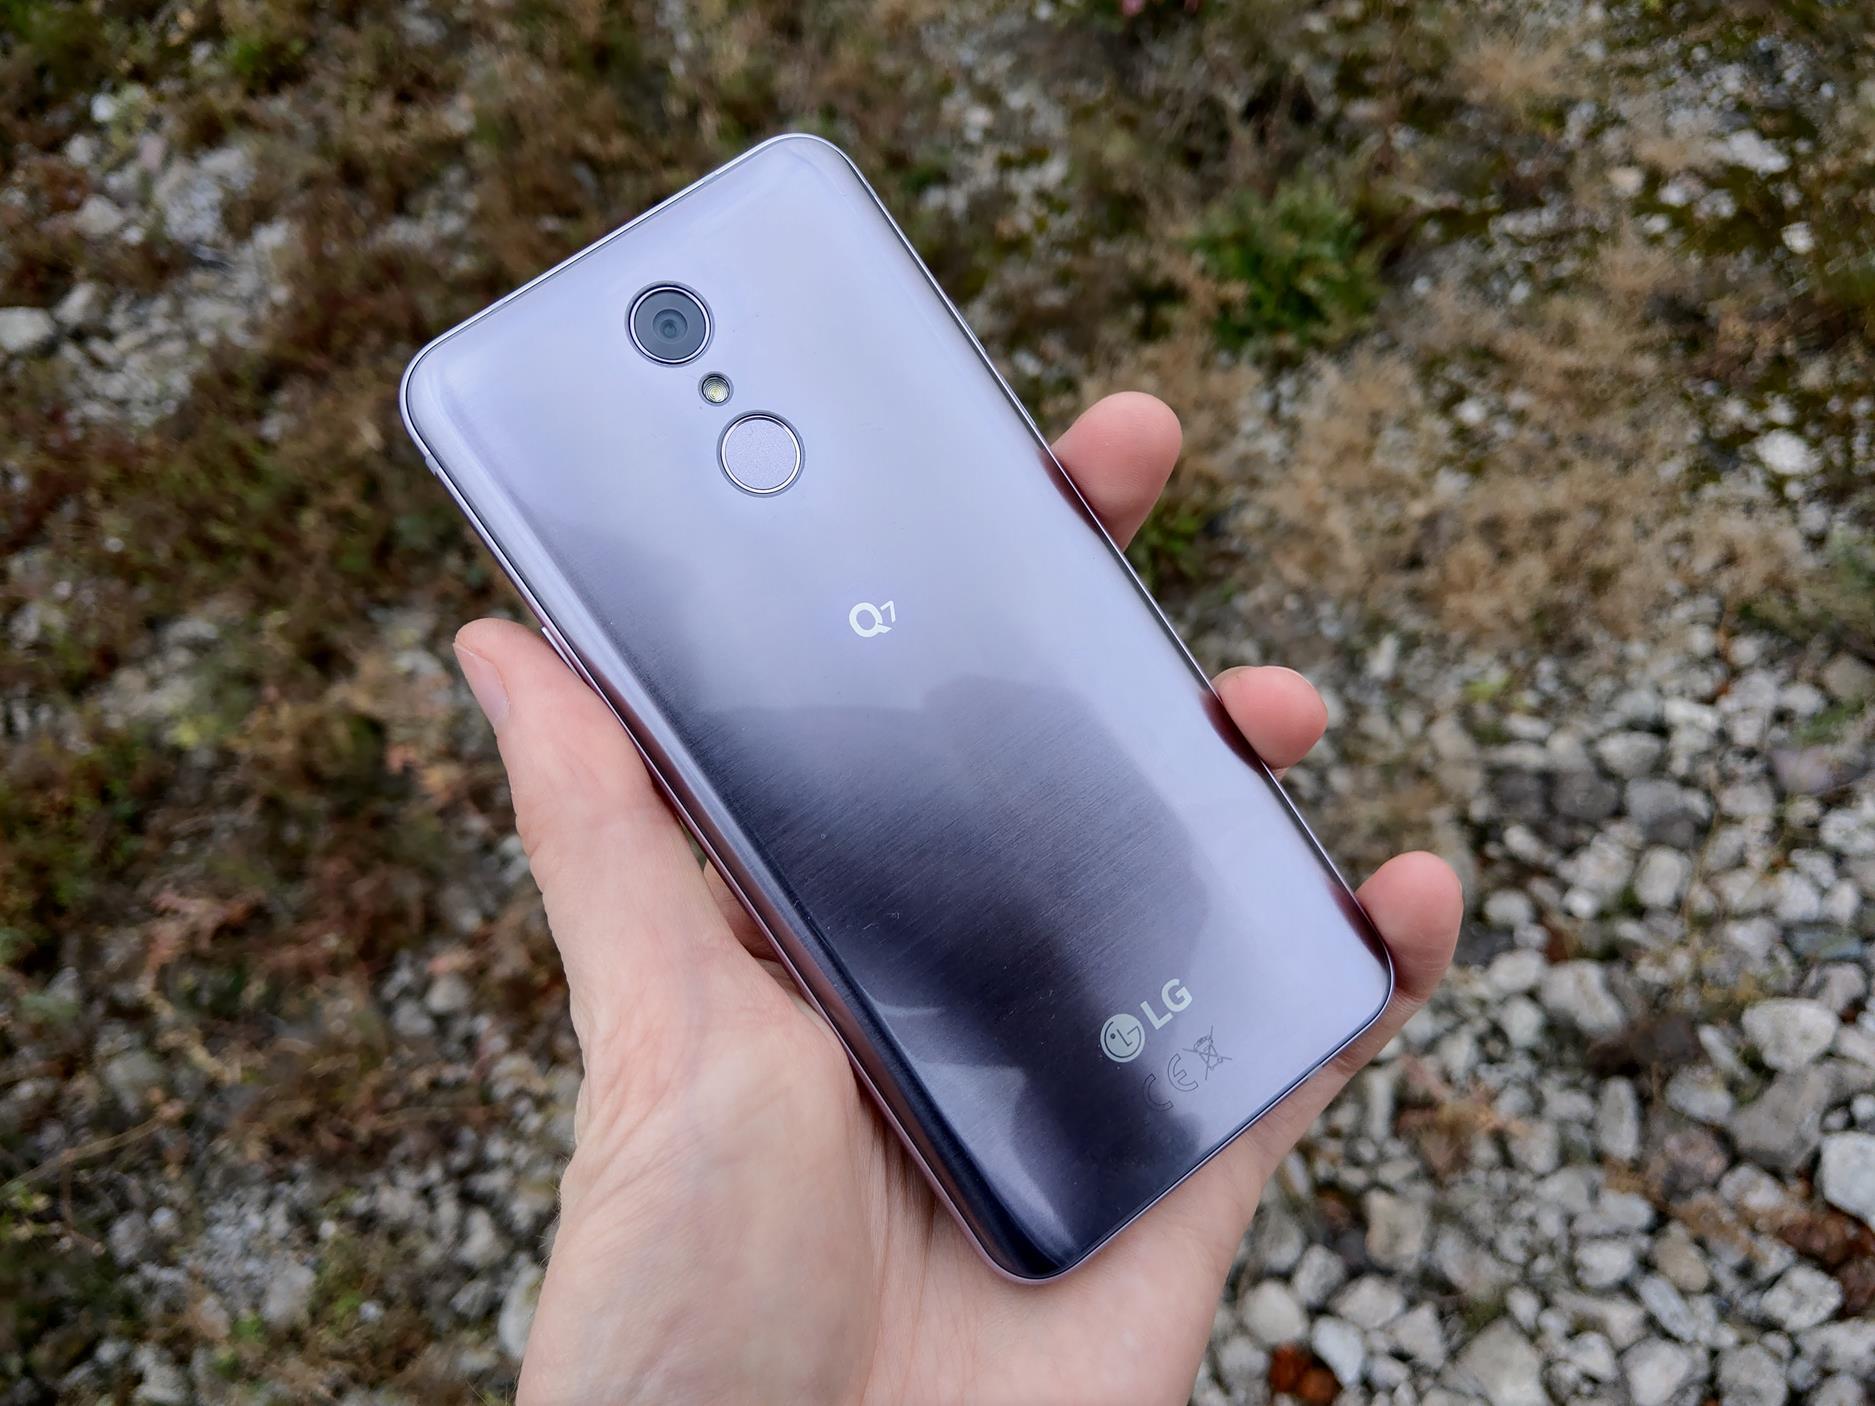 Recenzja LG Q7 - tak niewiele zalet, tak wiele wad... 87